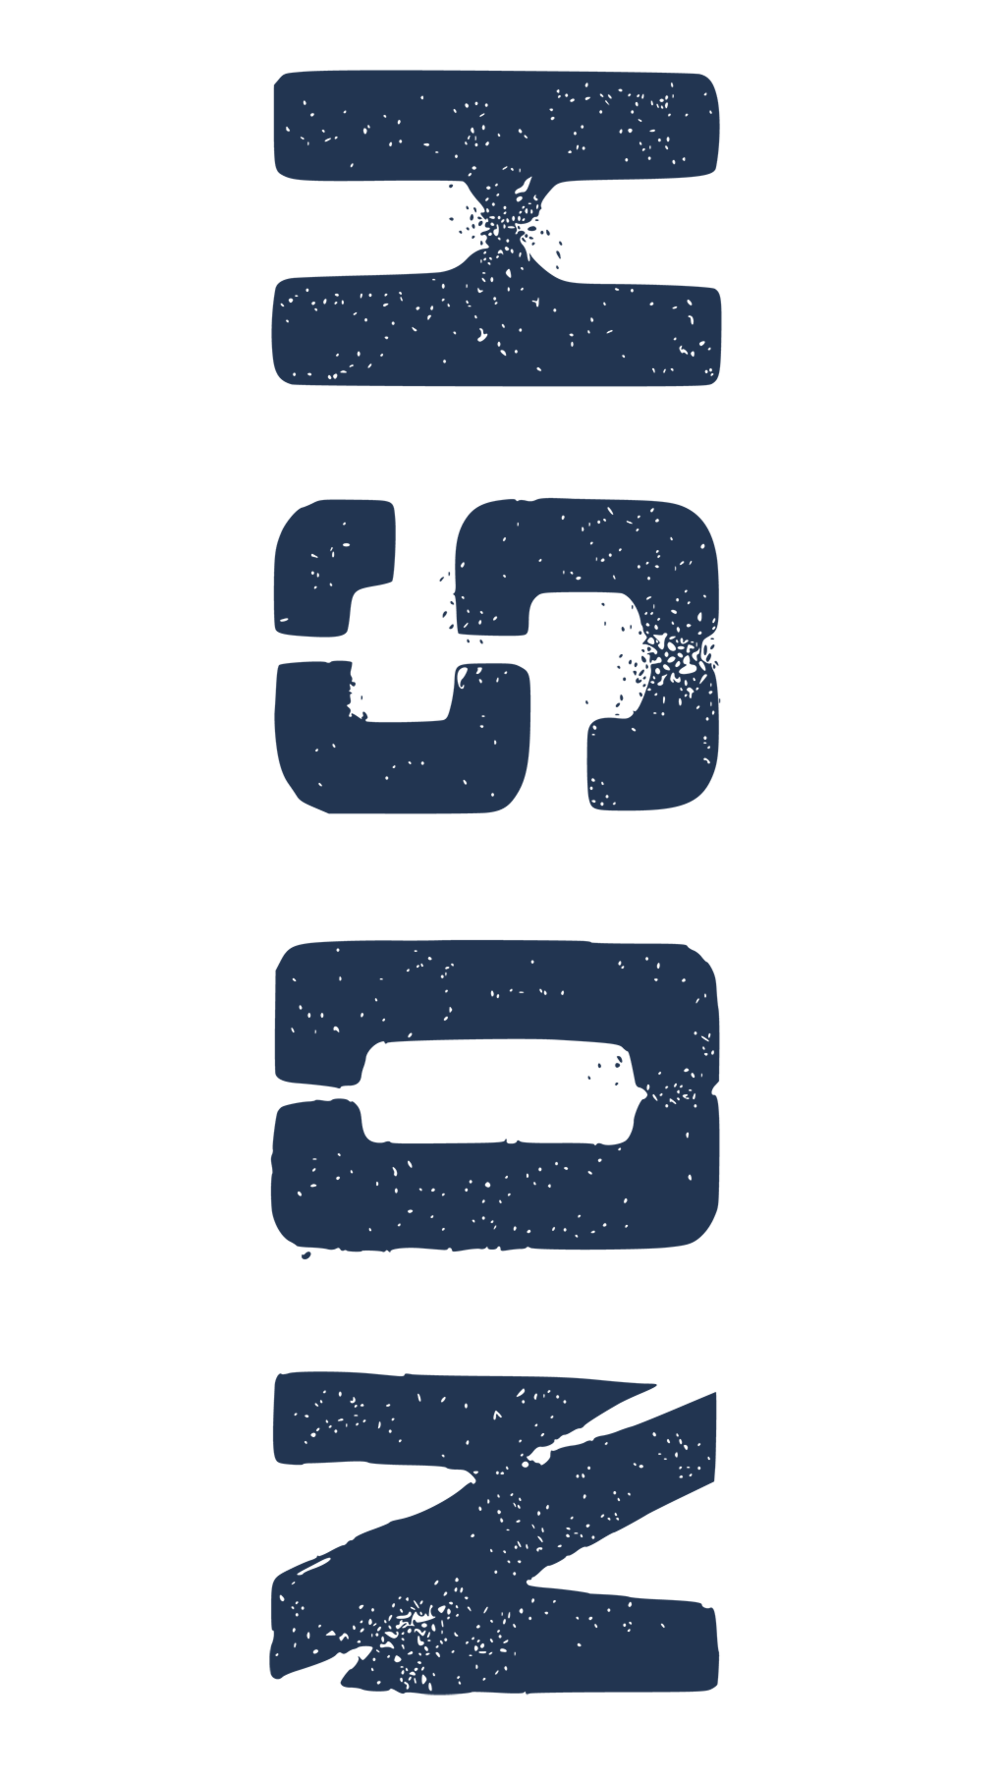 nosh_logo_01-04.png